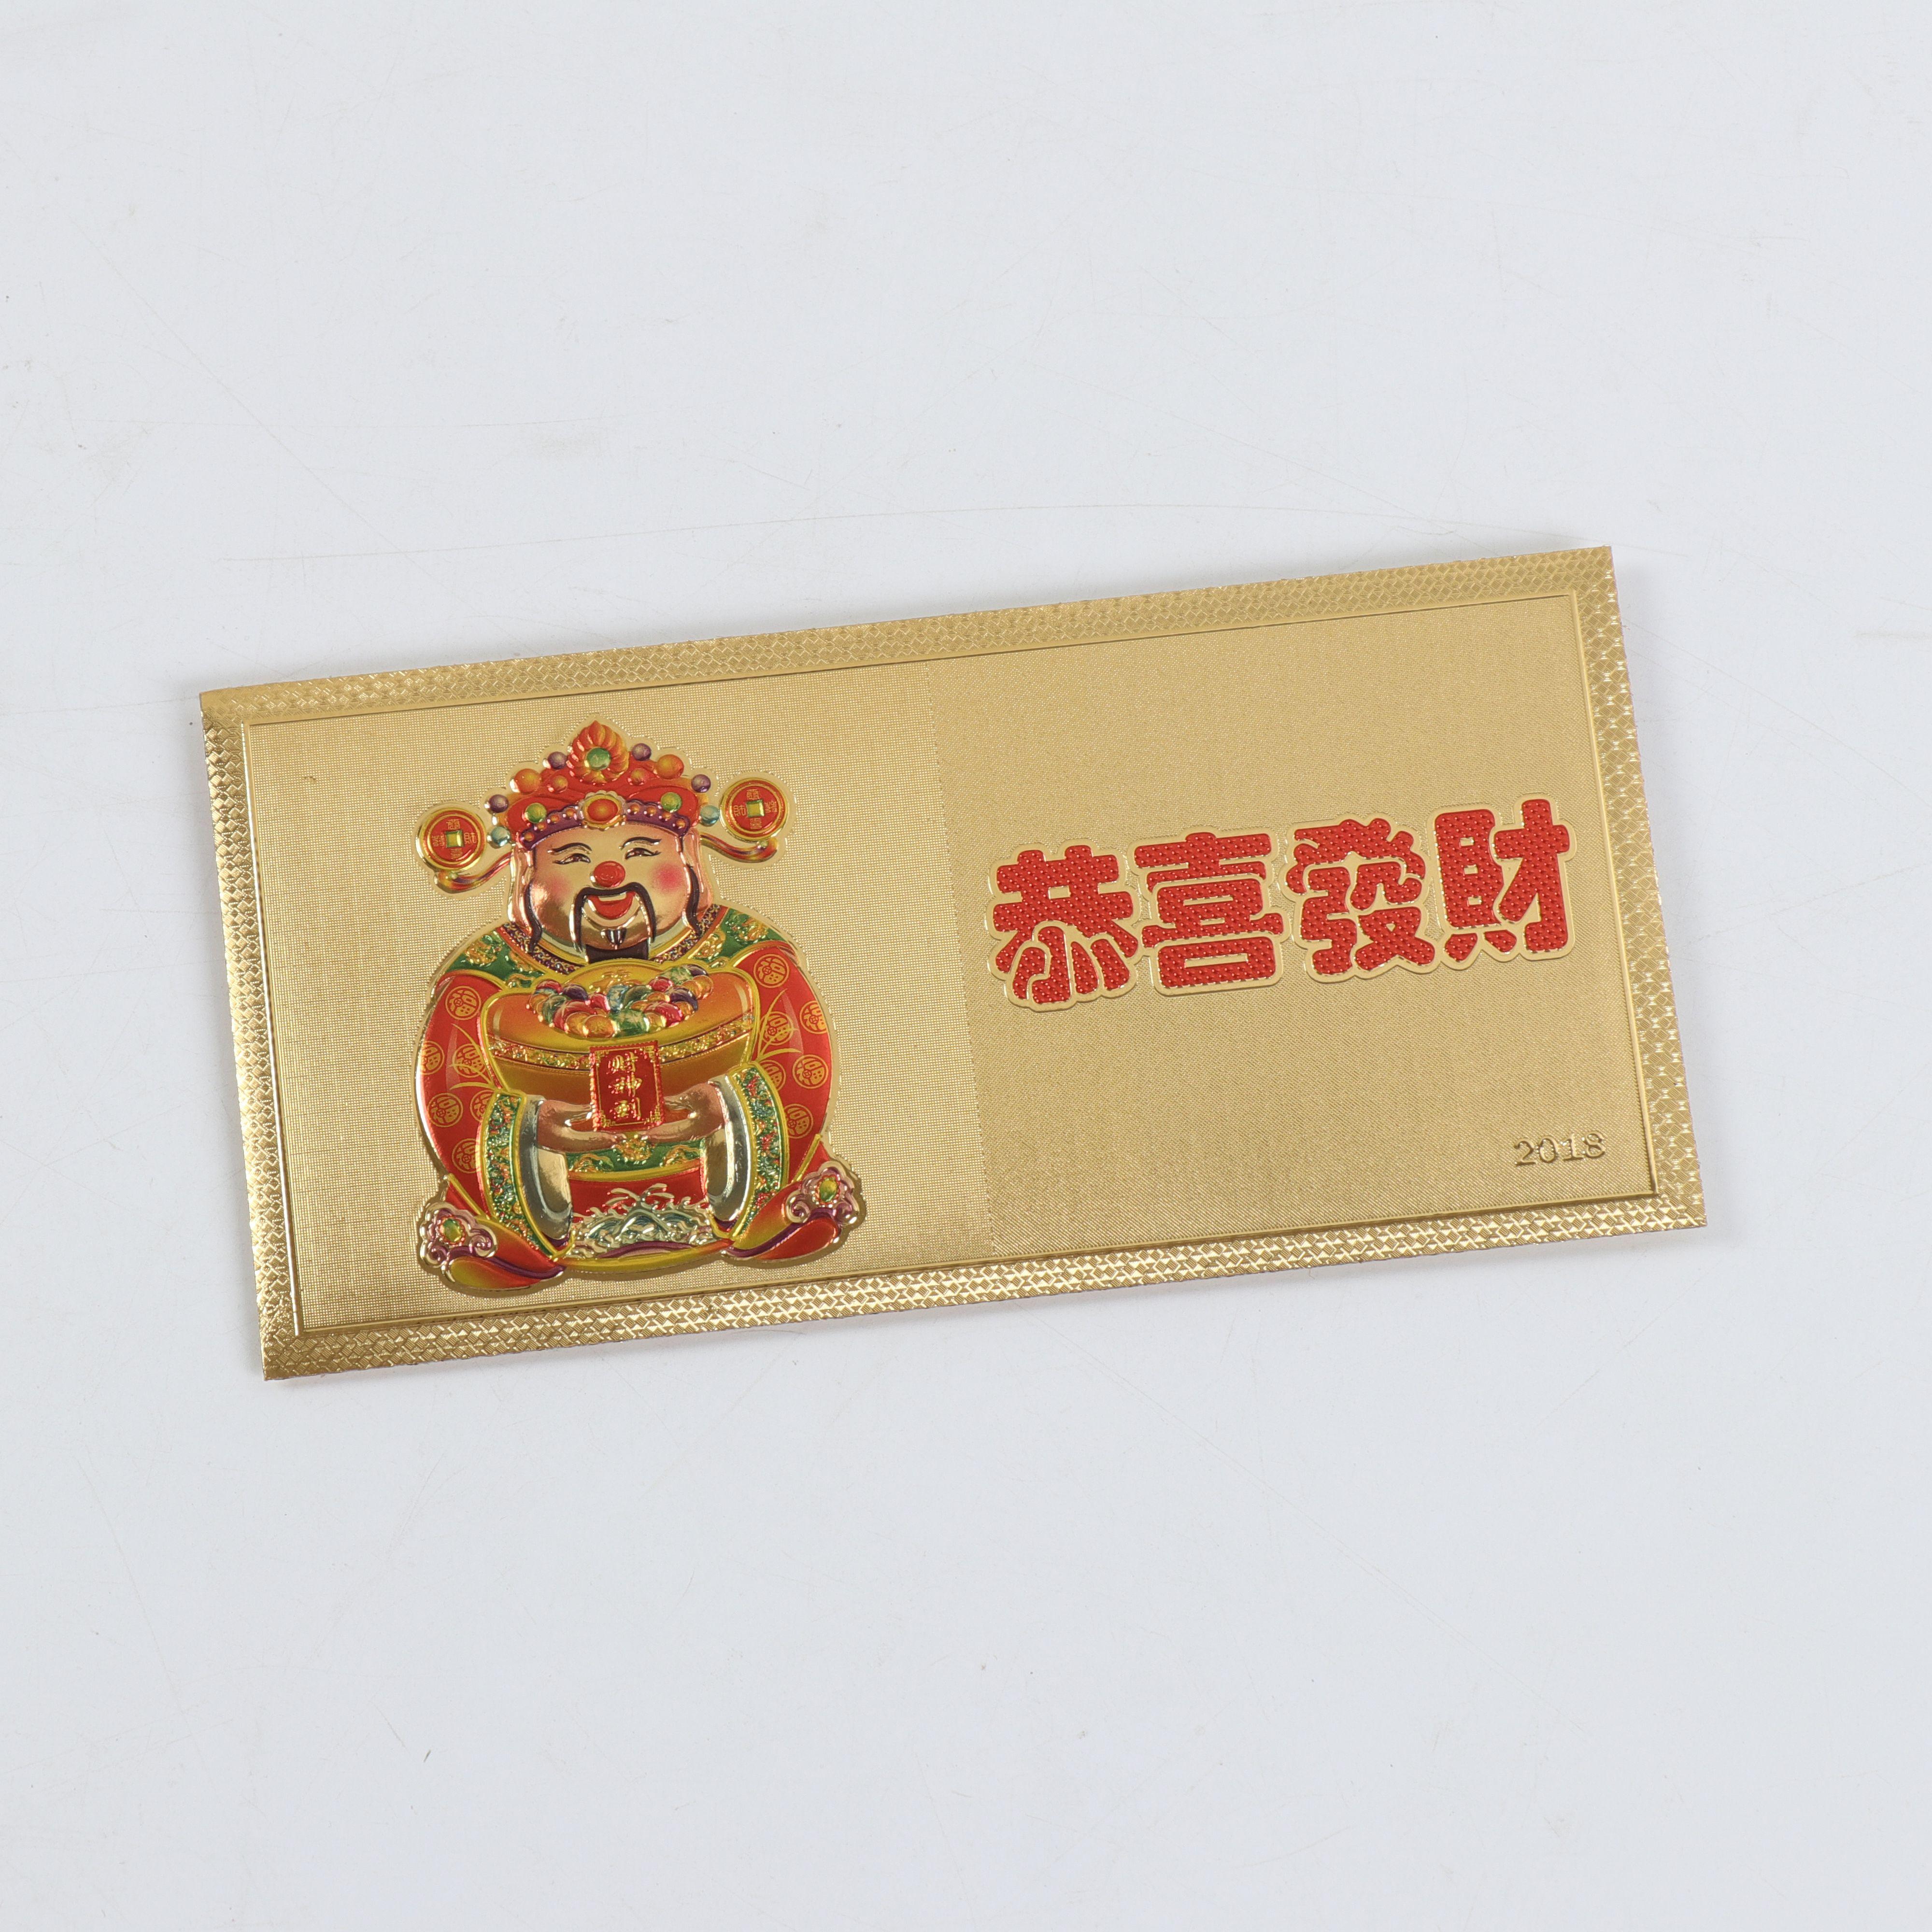 金箔浮雕红包 C